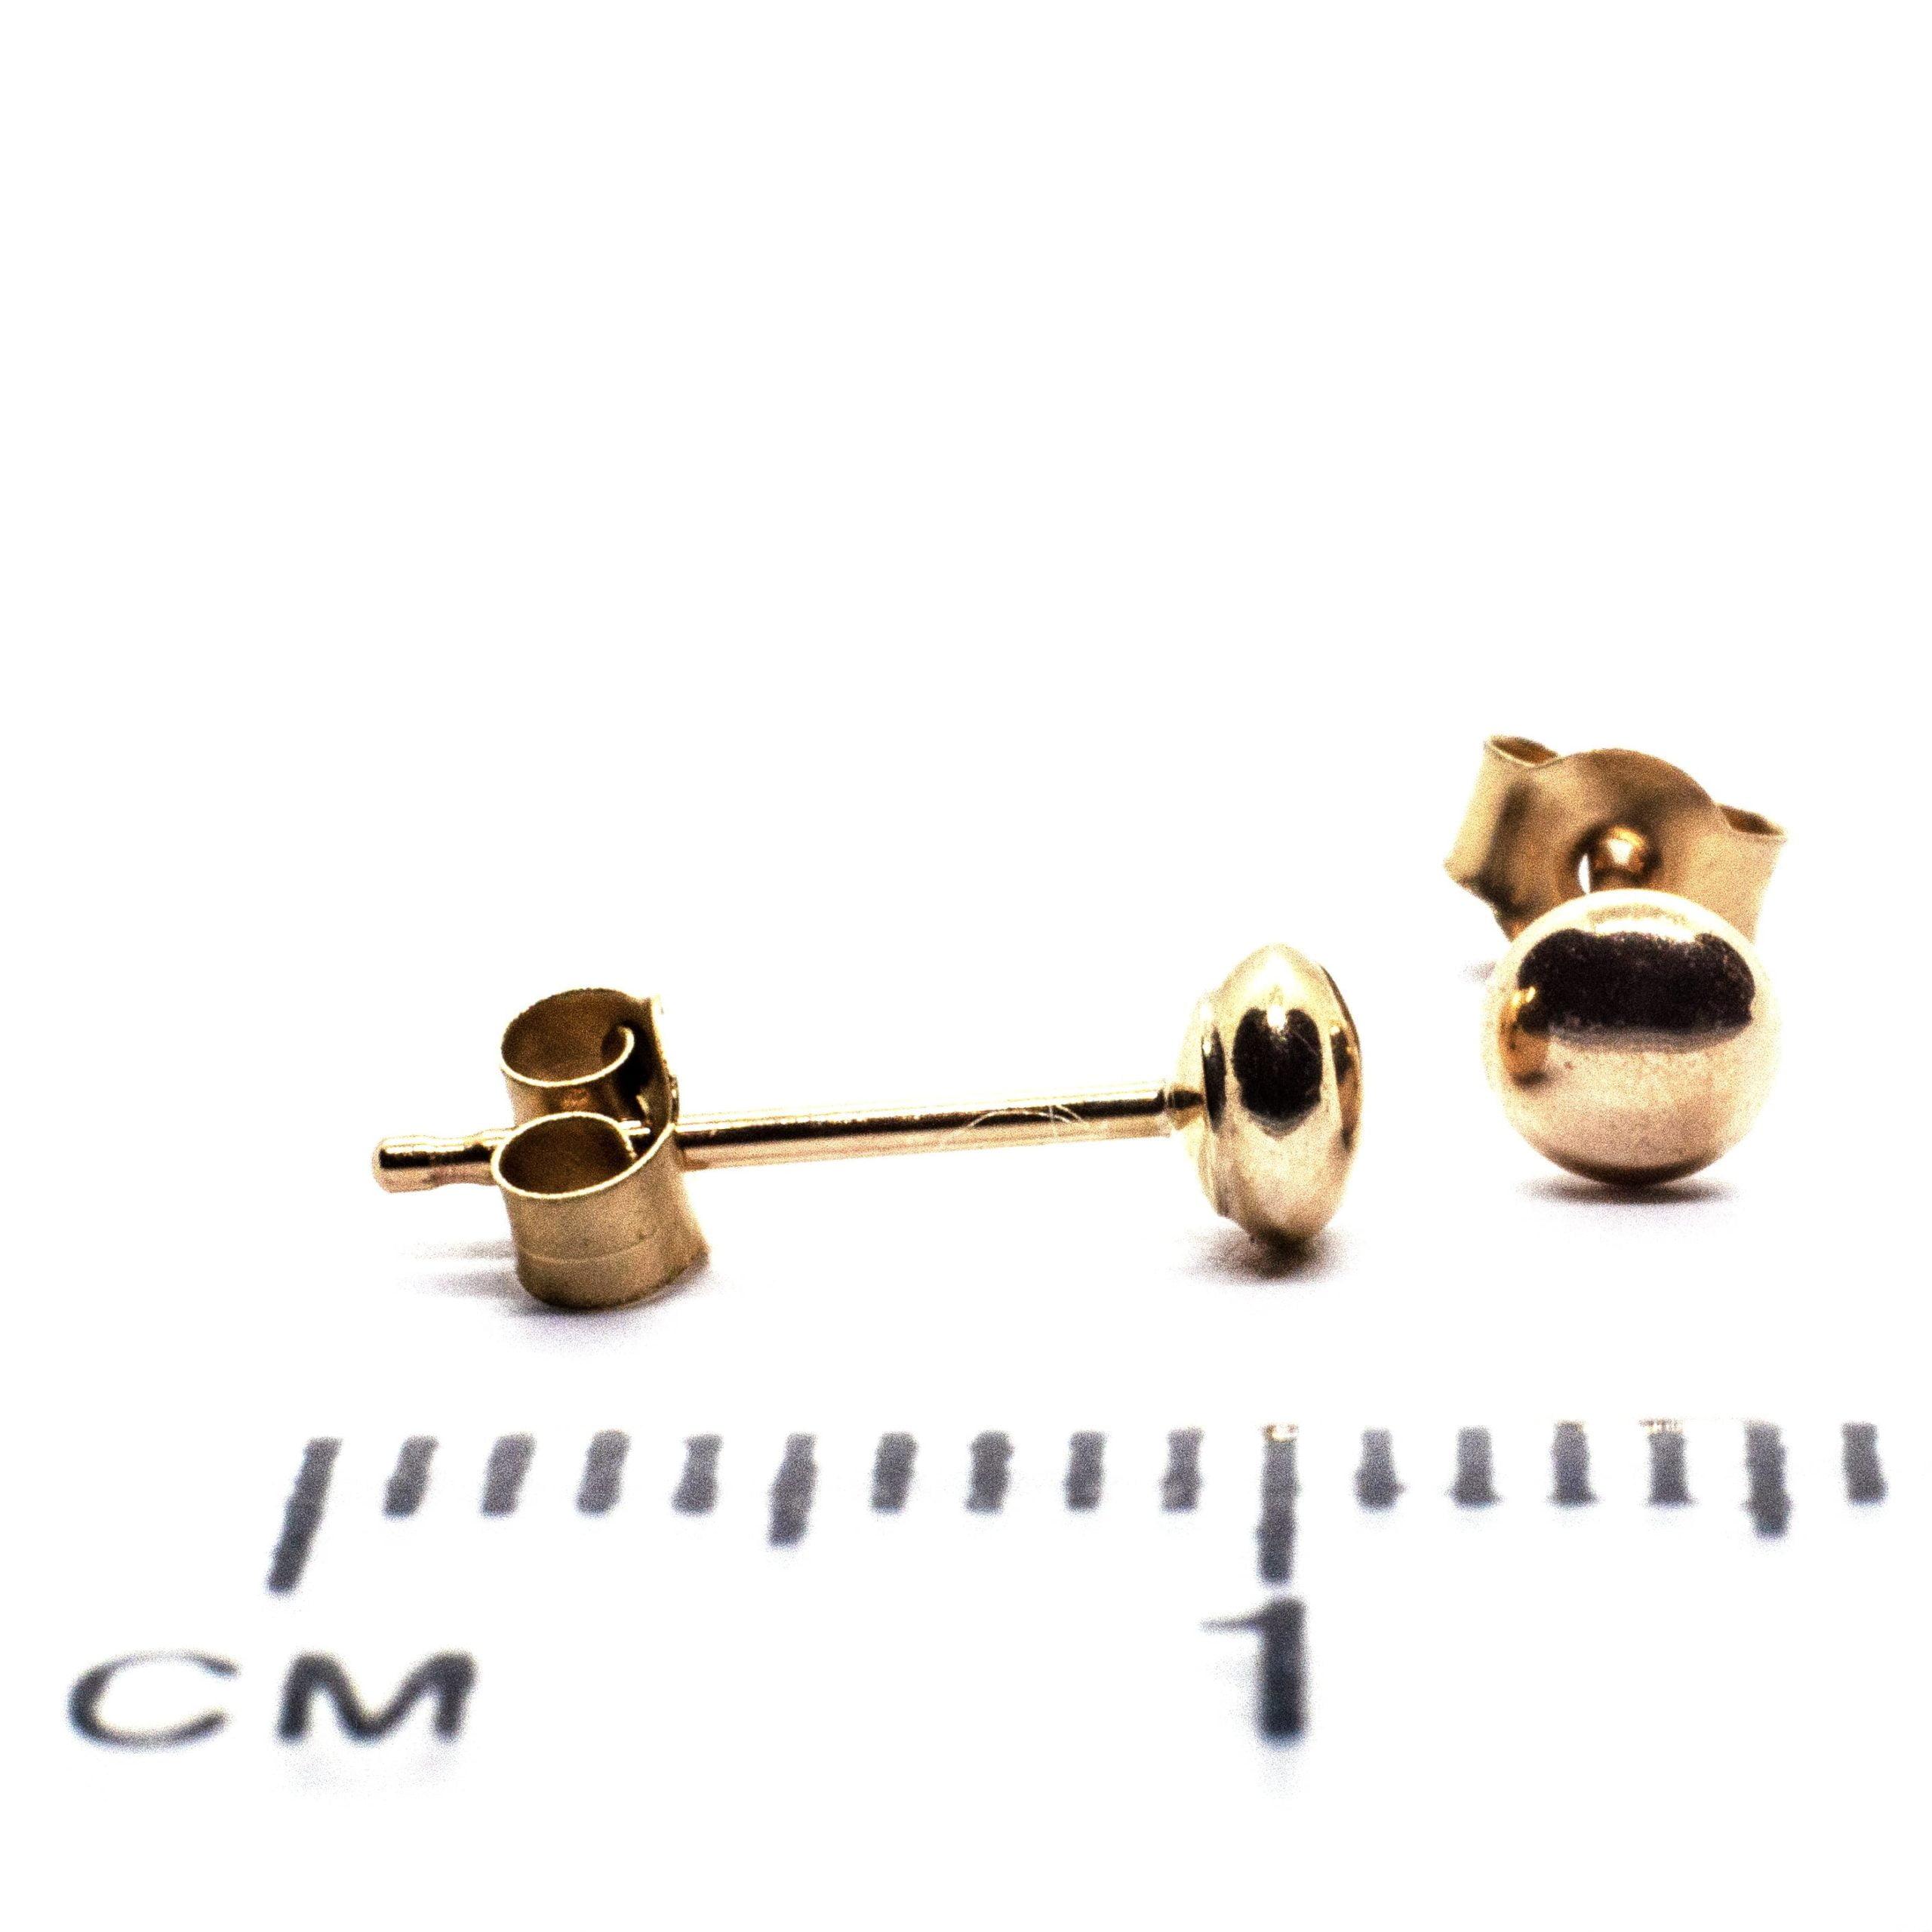 3mm gold bouton earring against ruler